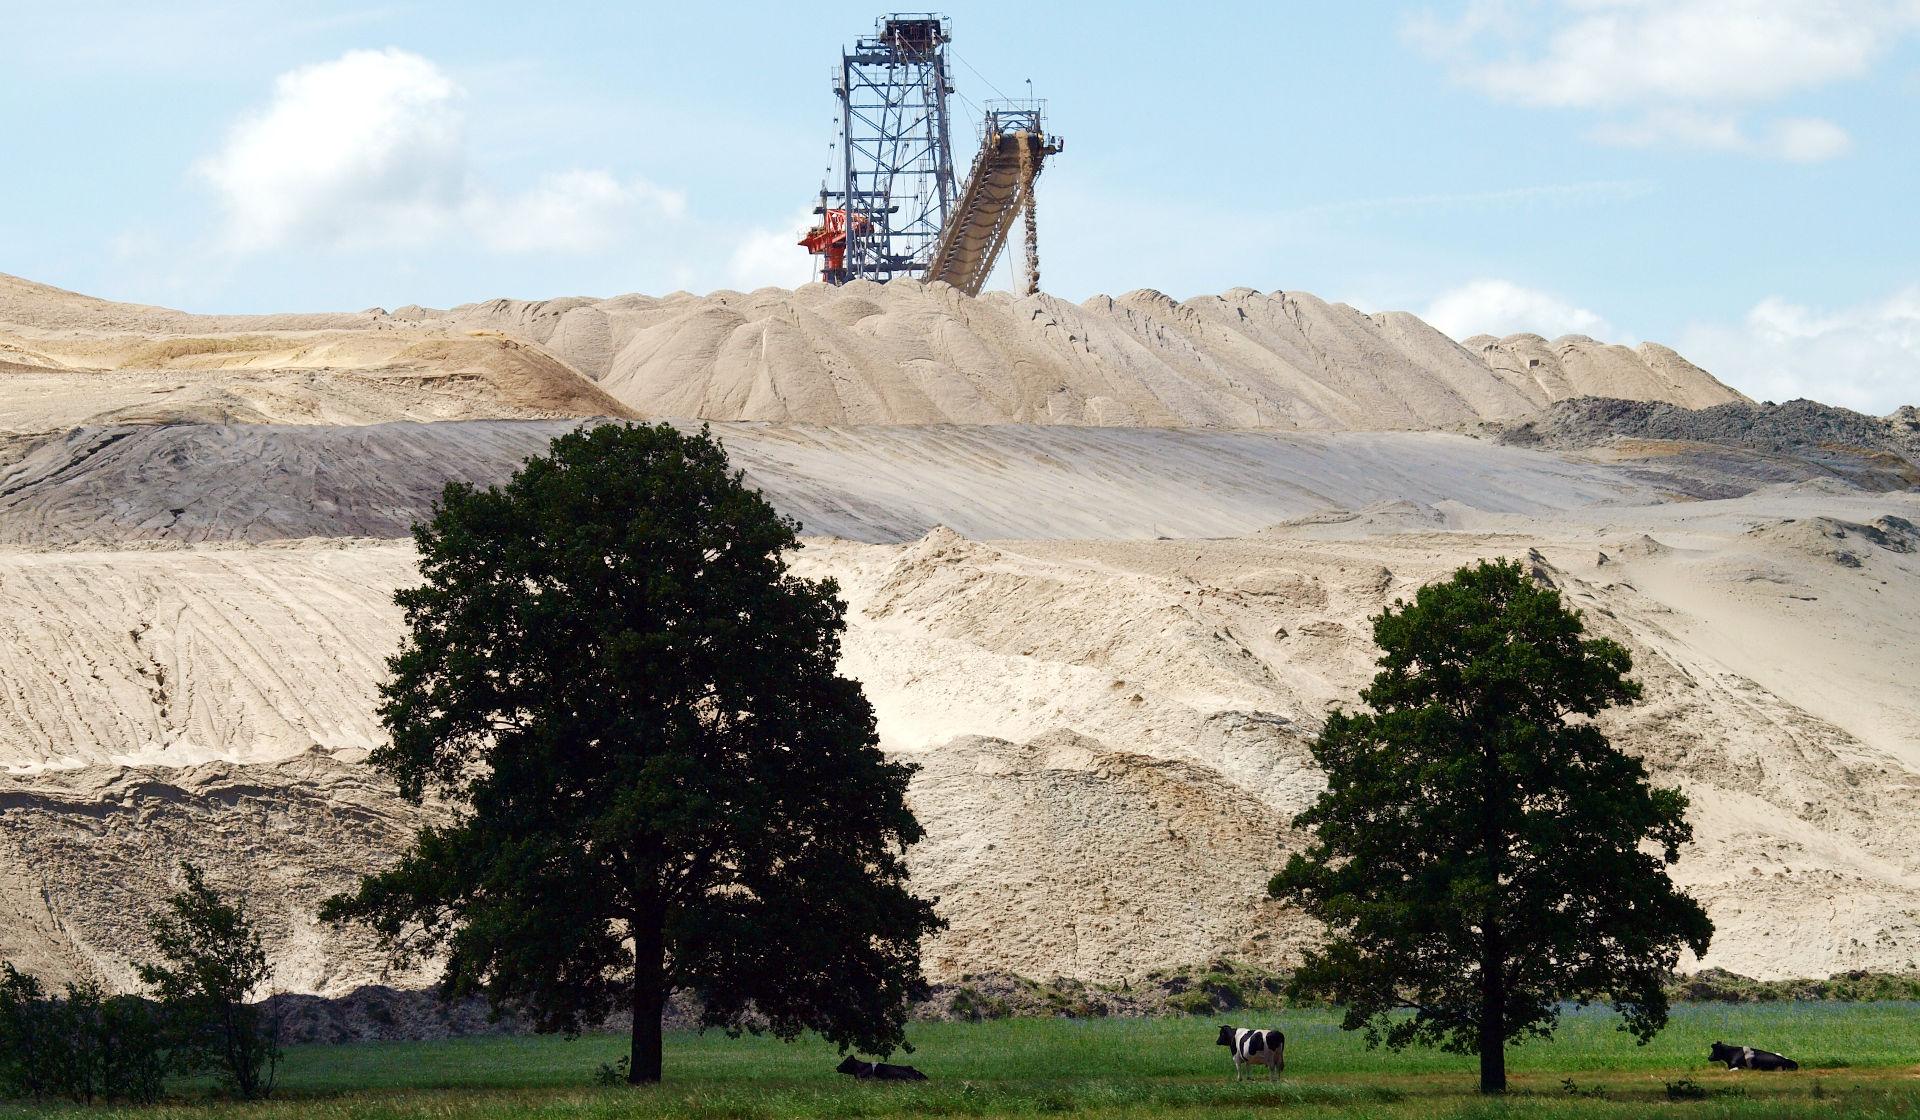 Belchatow Open Pit Mine